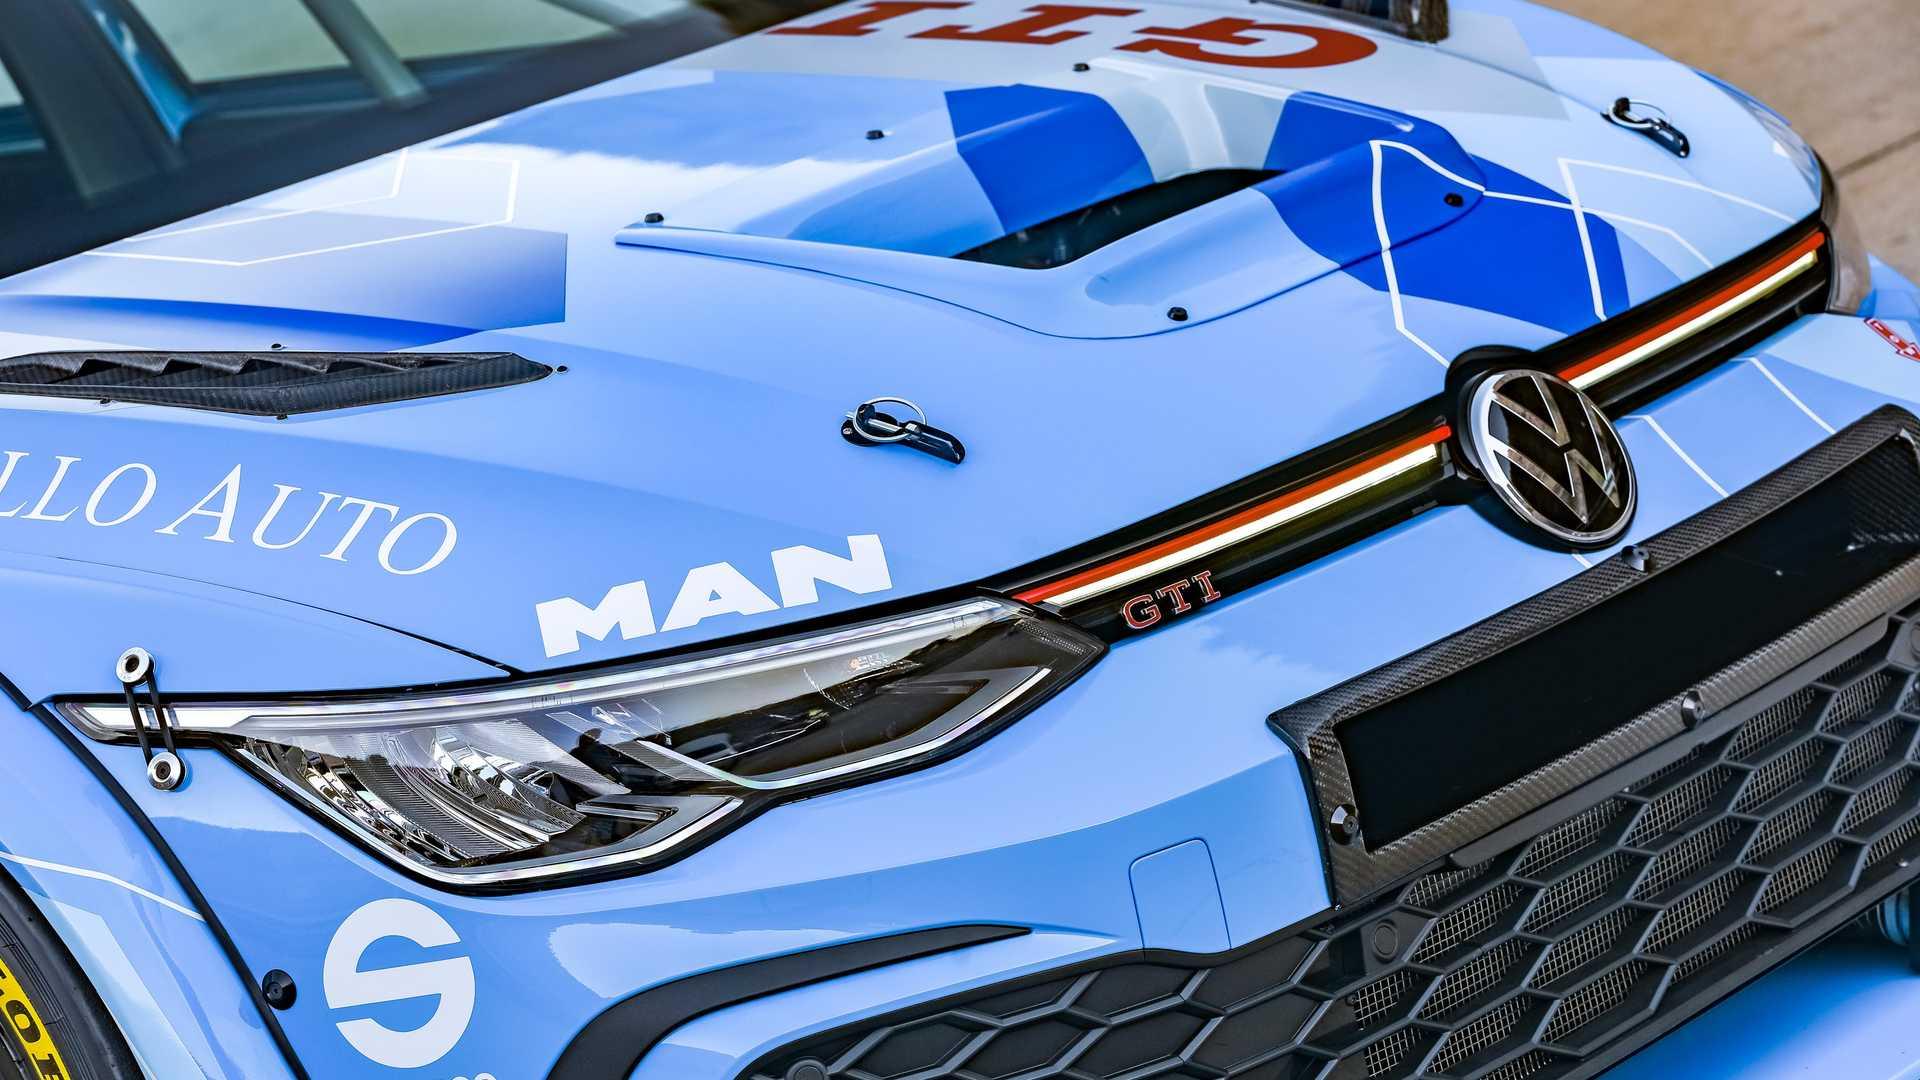 Volkswagen-GTI-GTC-Race-Car-11